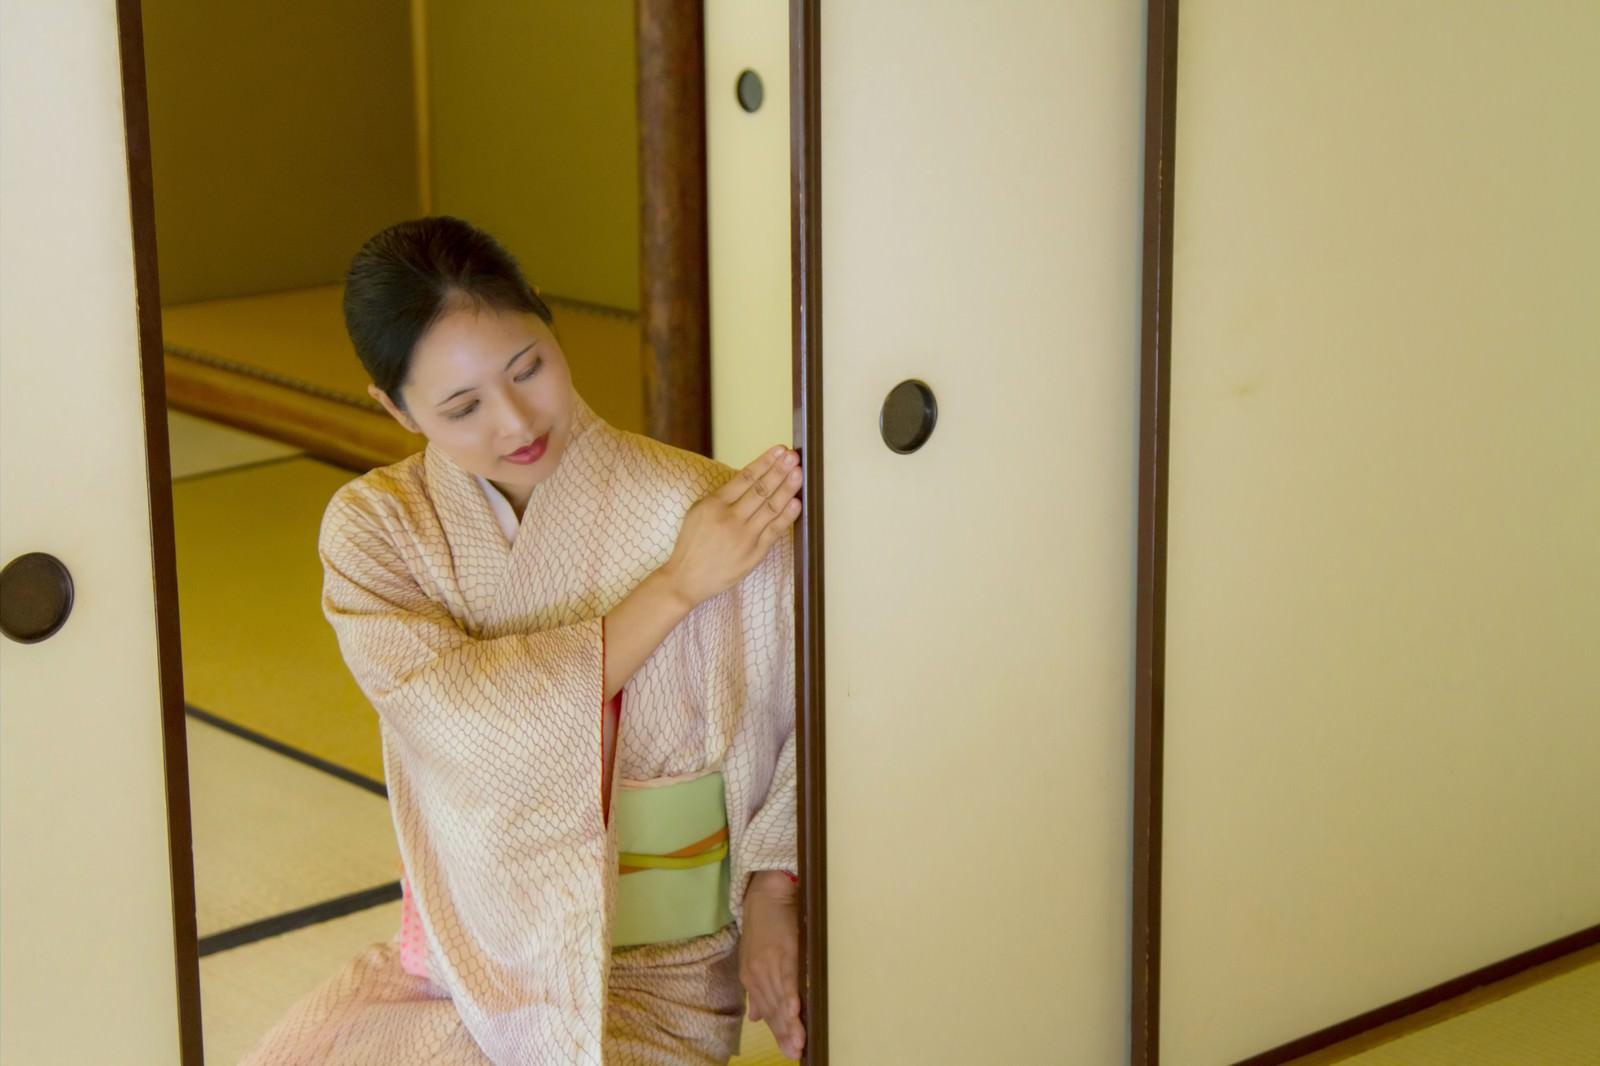 「ふすまを開ける着物の女性」の写真[モデル:きせんひろみ]